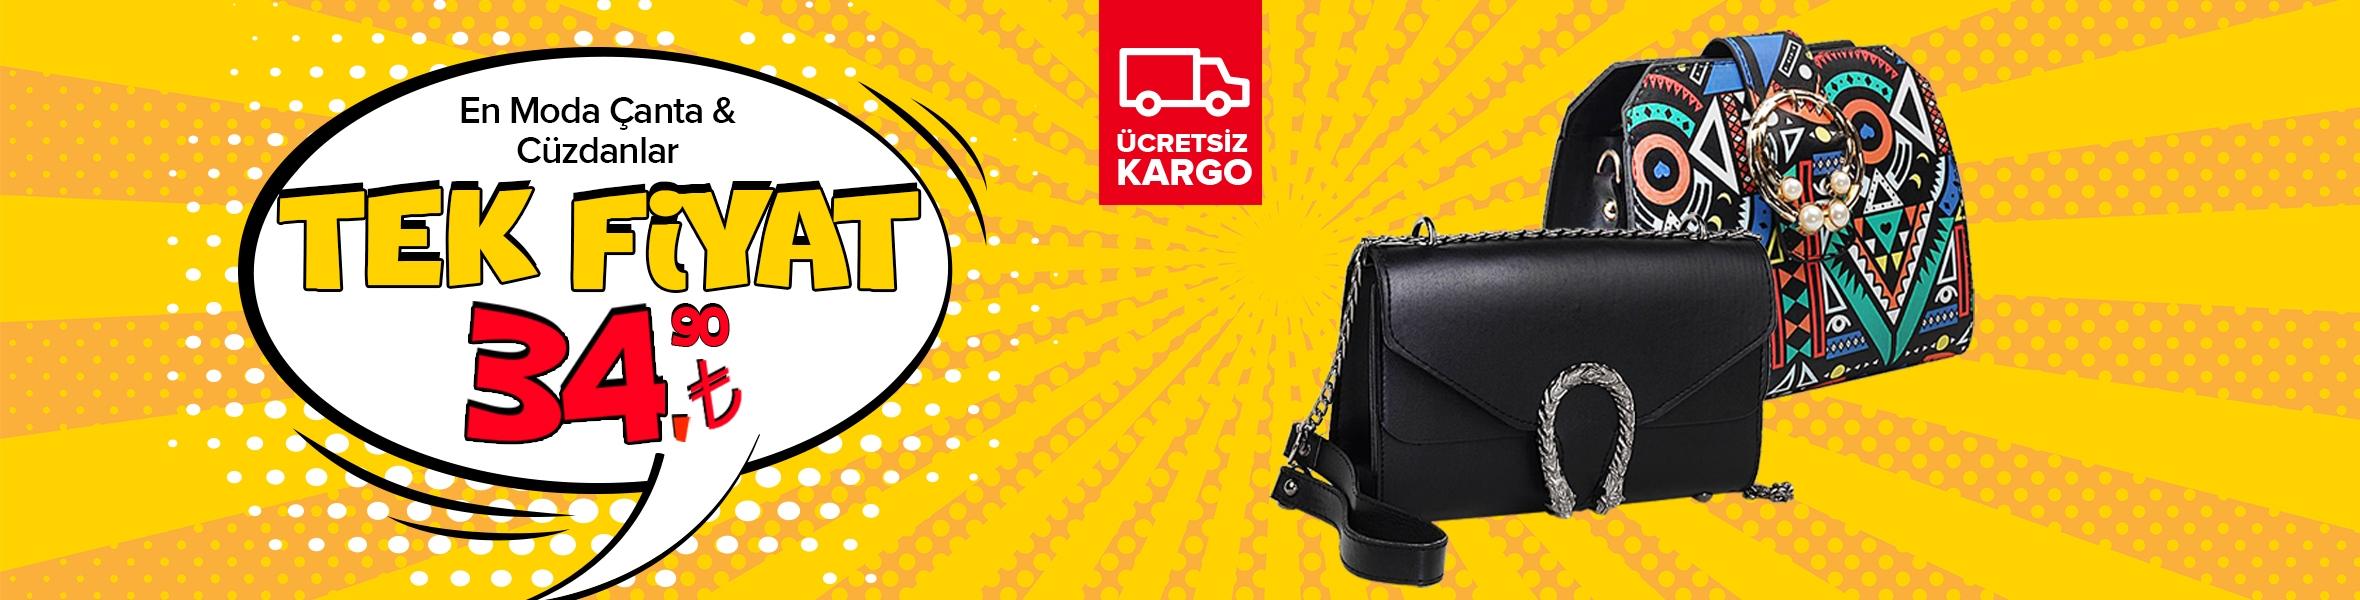 En Moda Çanta & Cüzdanlar Tek Fiyat 34.90 TL